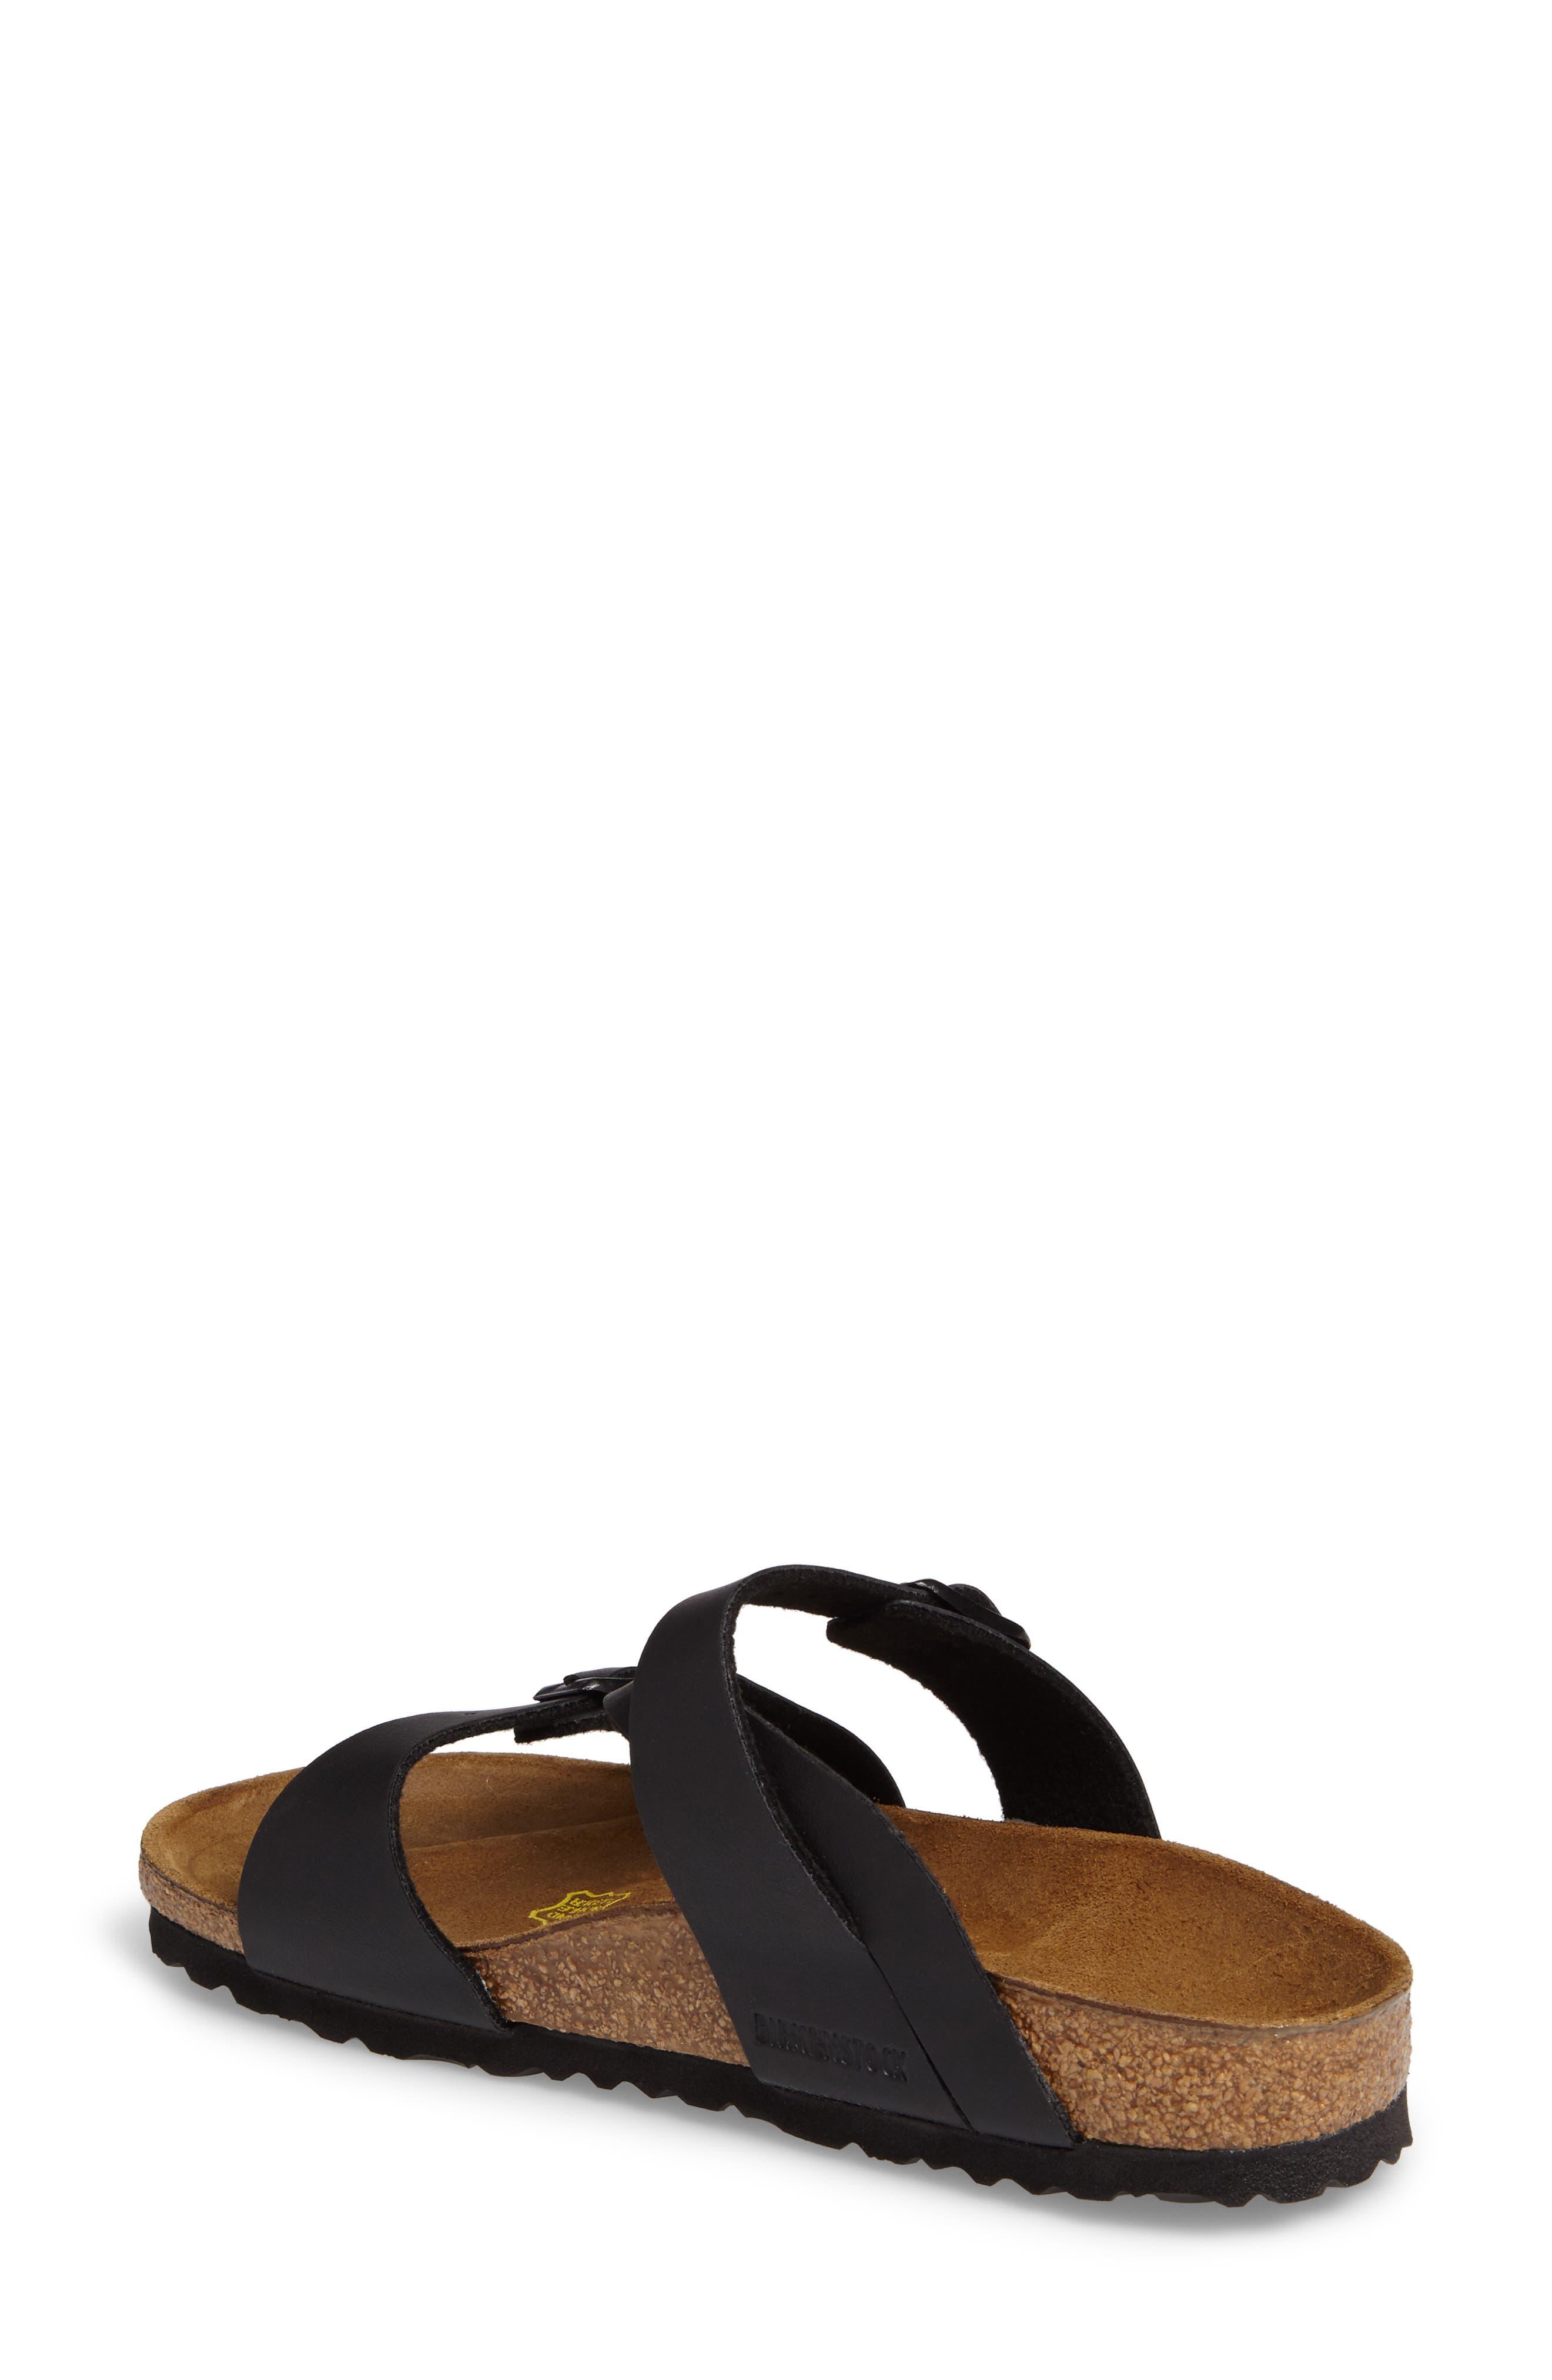 Alternate Image 2  - Birkenstock Salina Slide Sandal (Women)